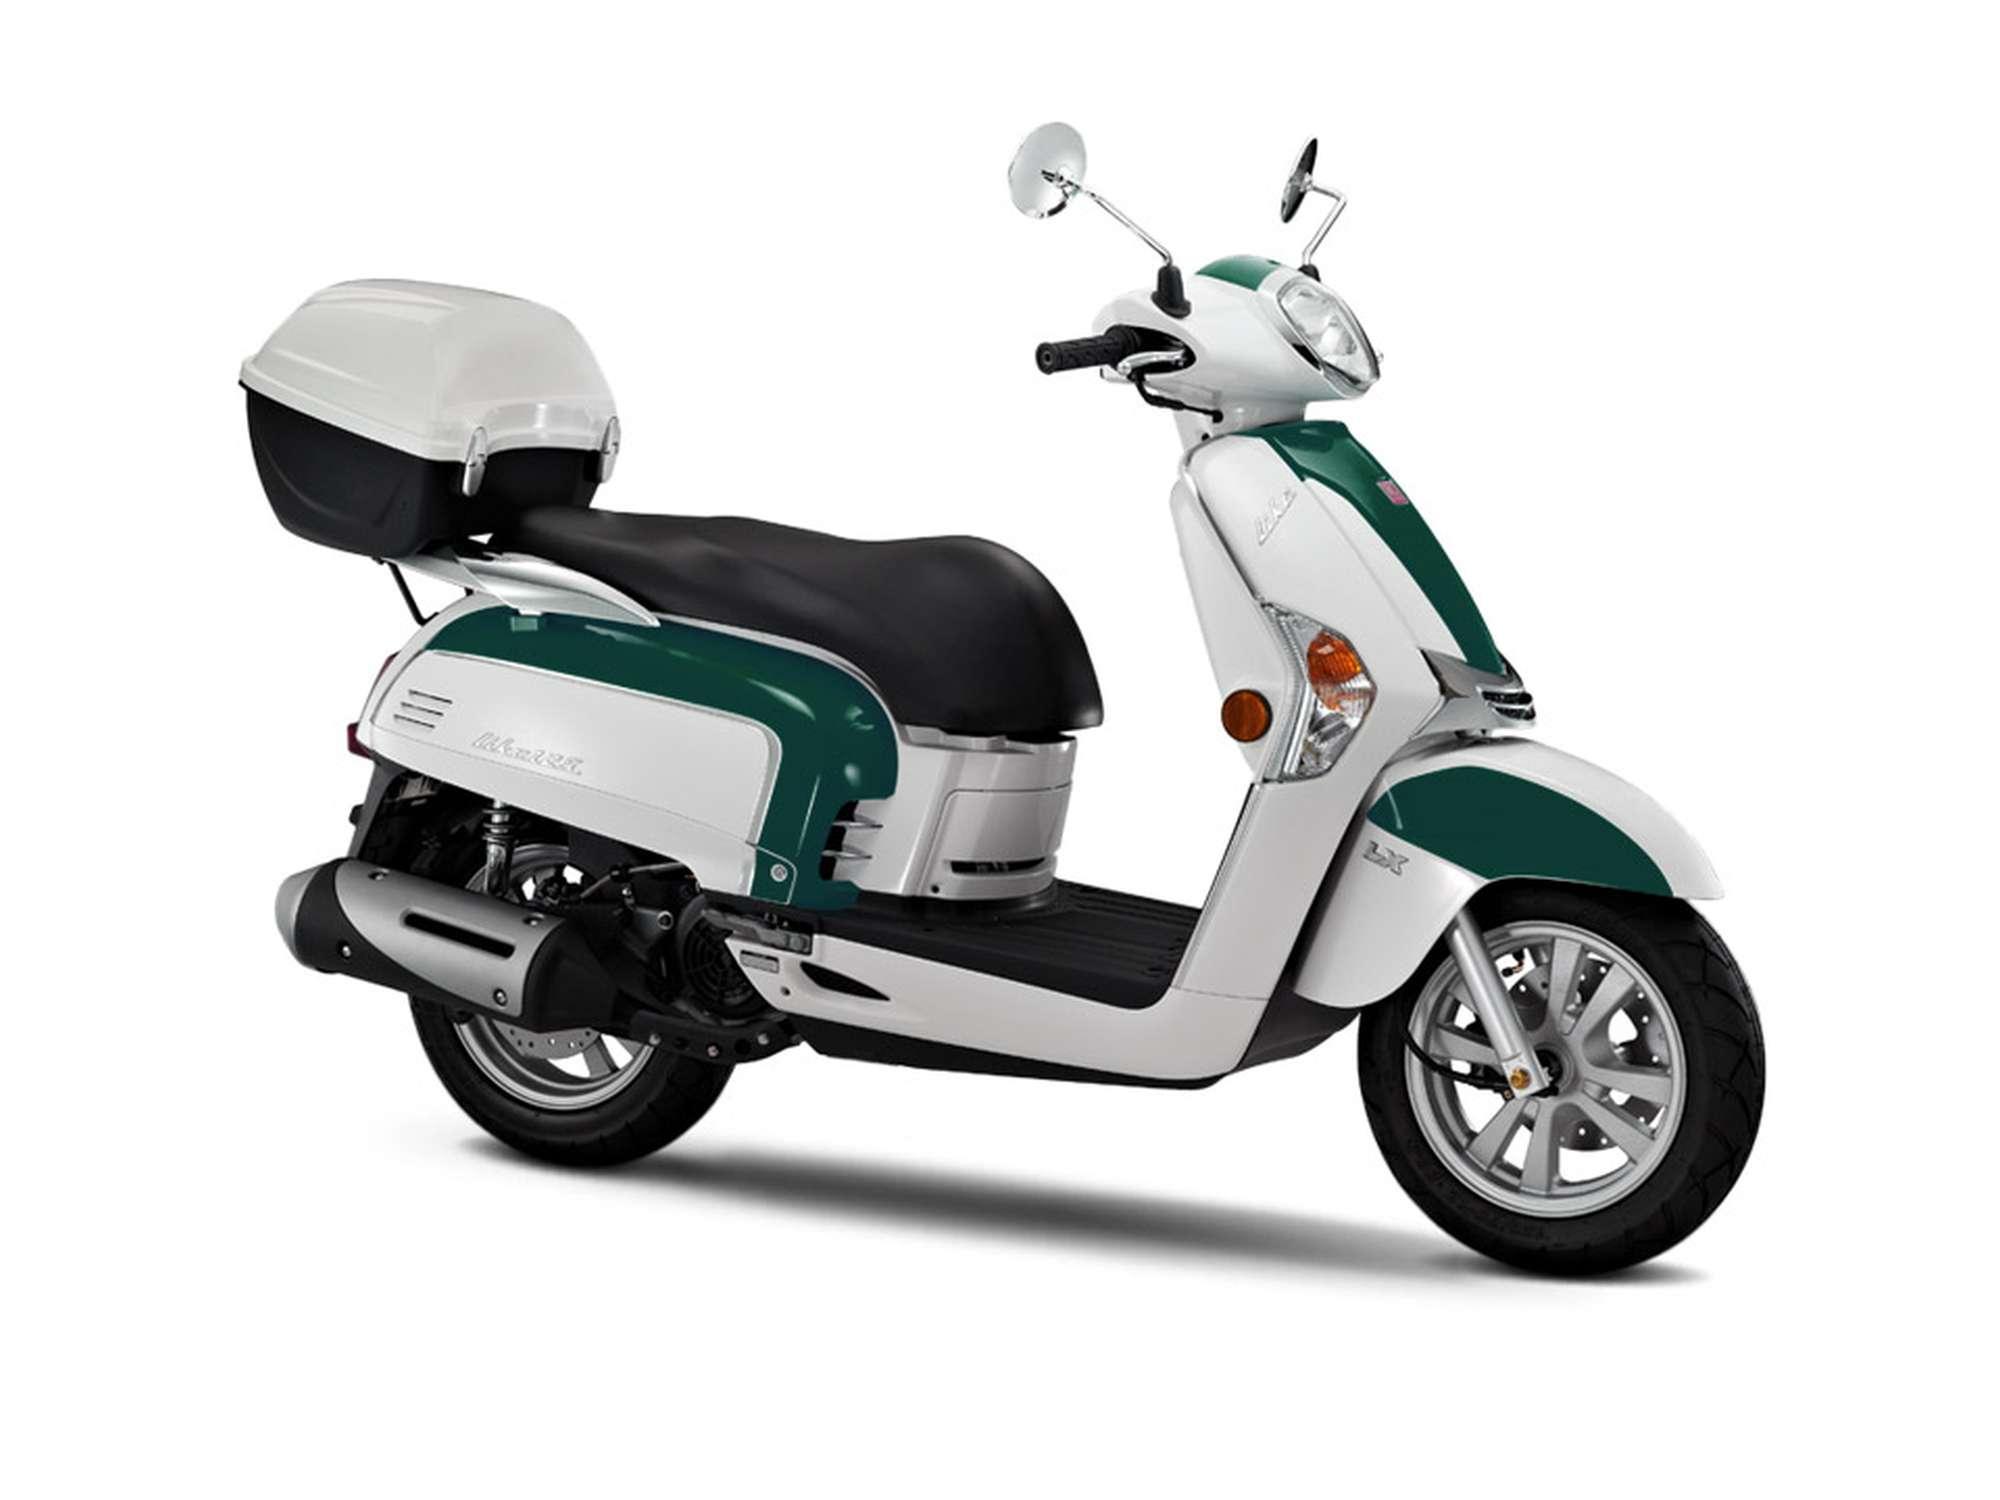 Gebrauchte und neue Kymco Like LX 125 Motorräder kaufen